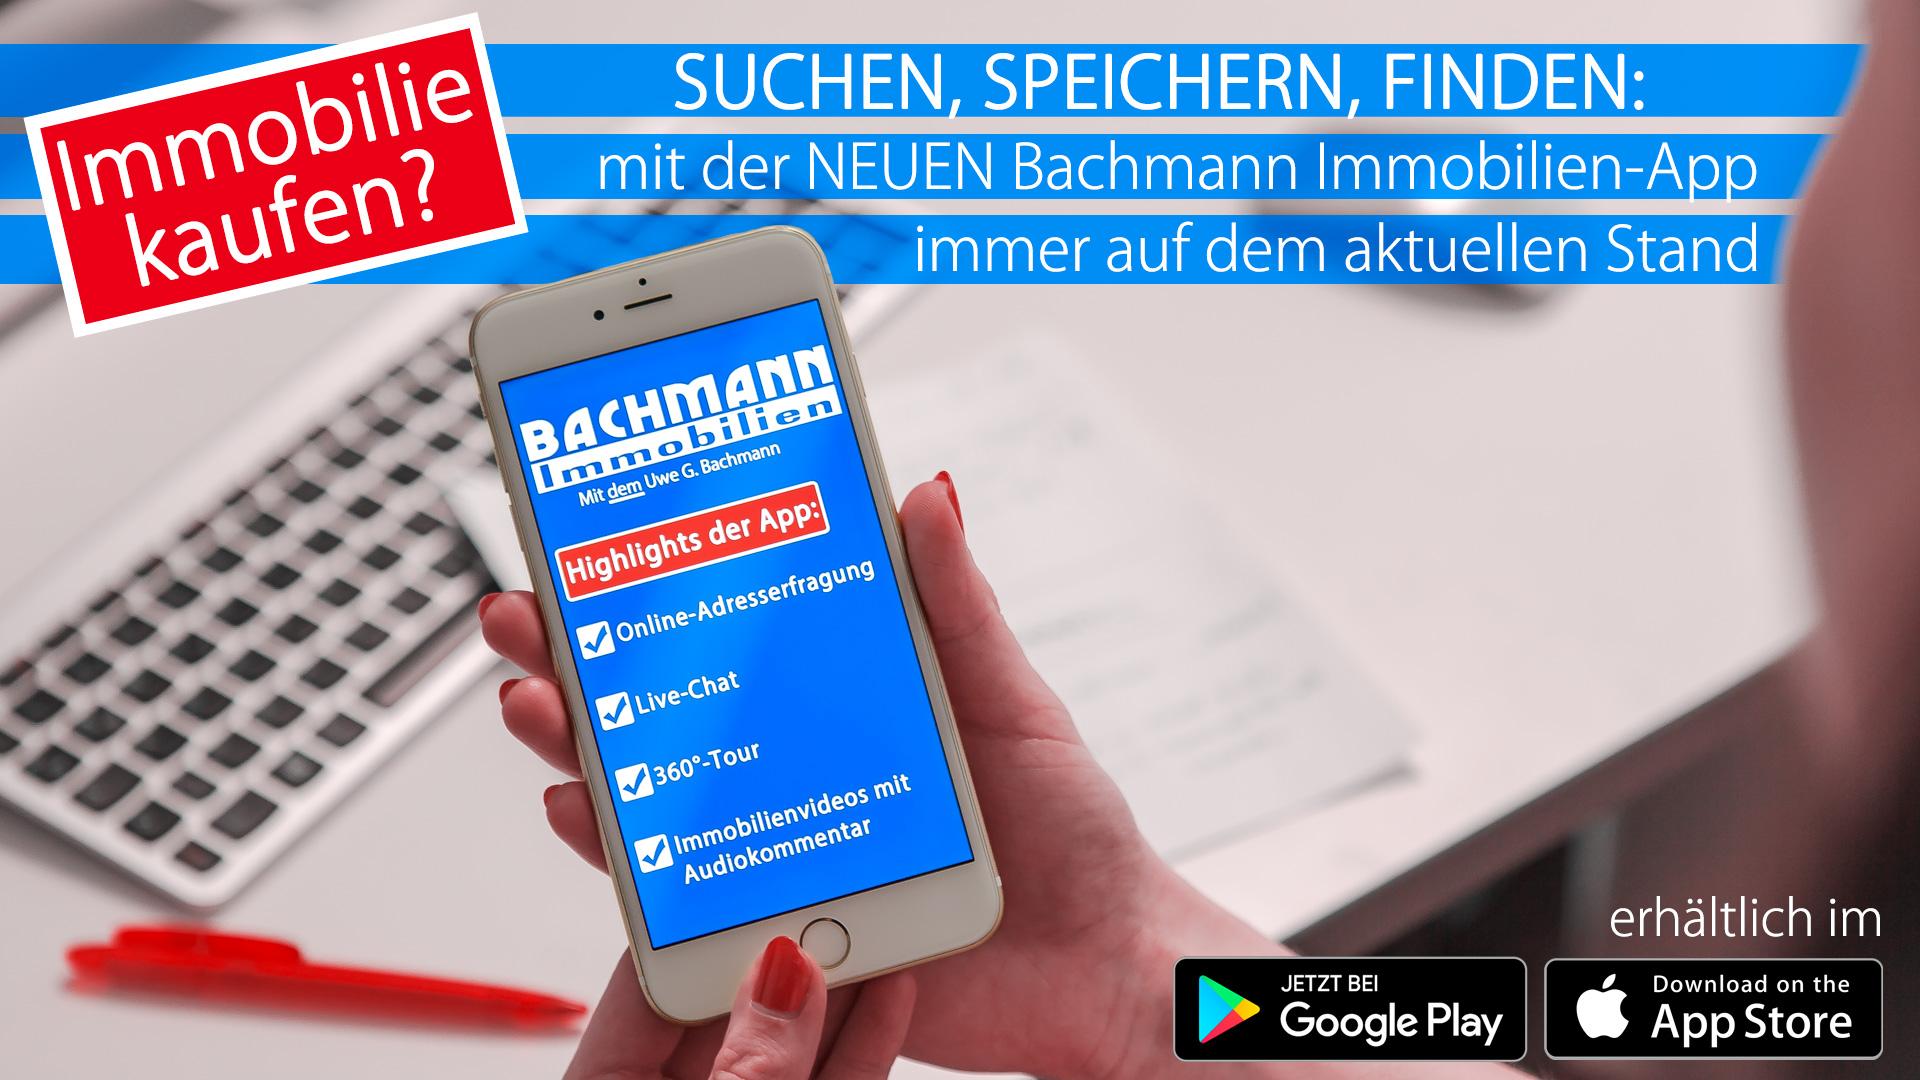 App-Präsentationsbild-1400x1080